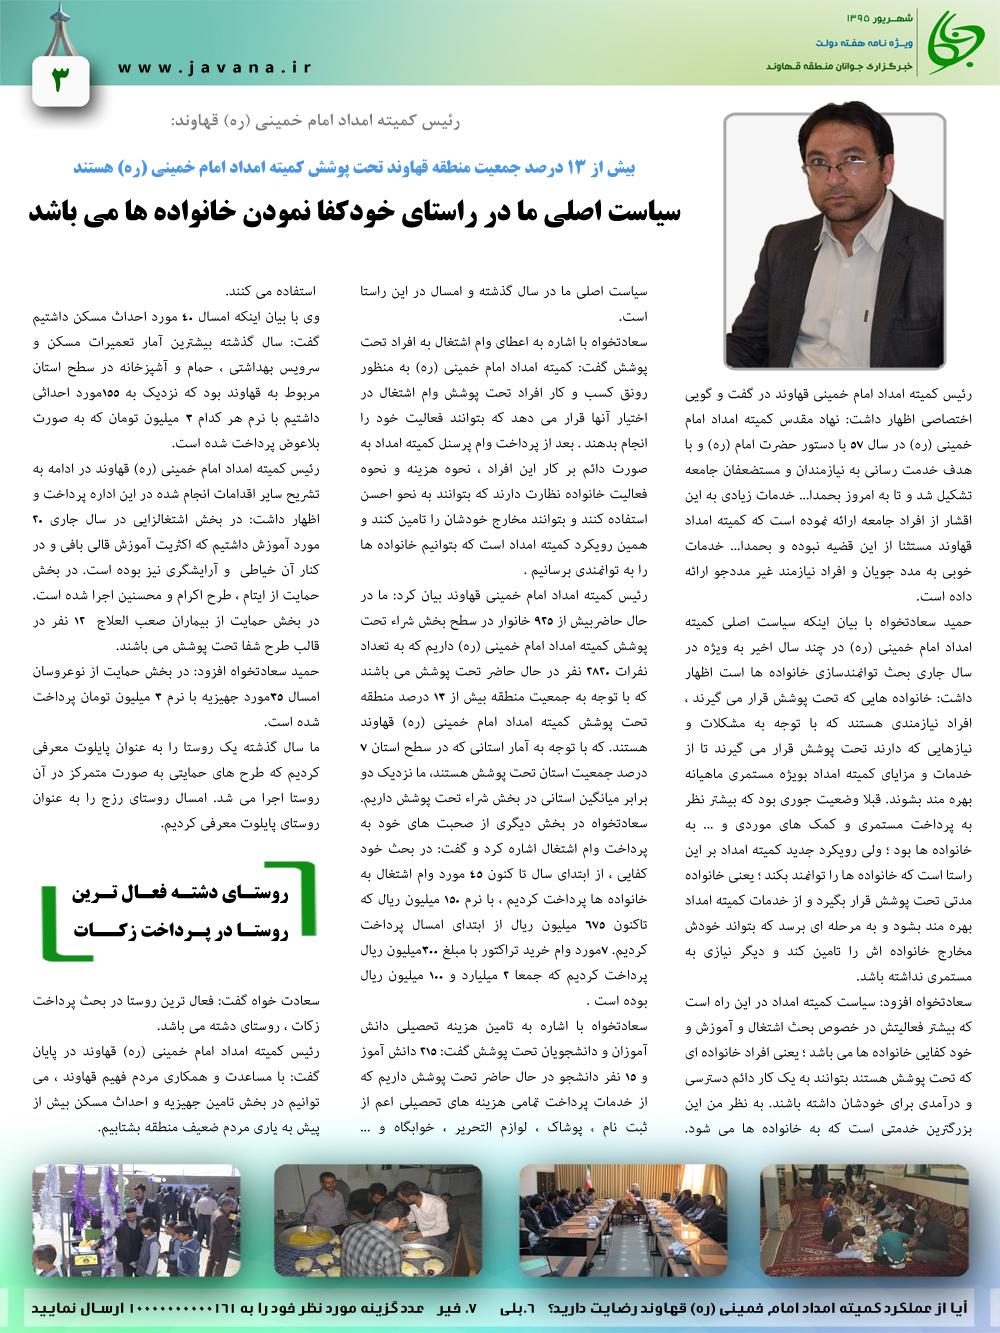 ویژه نامه هفته دولت در شهر قهاوند (3)